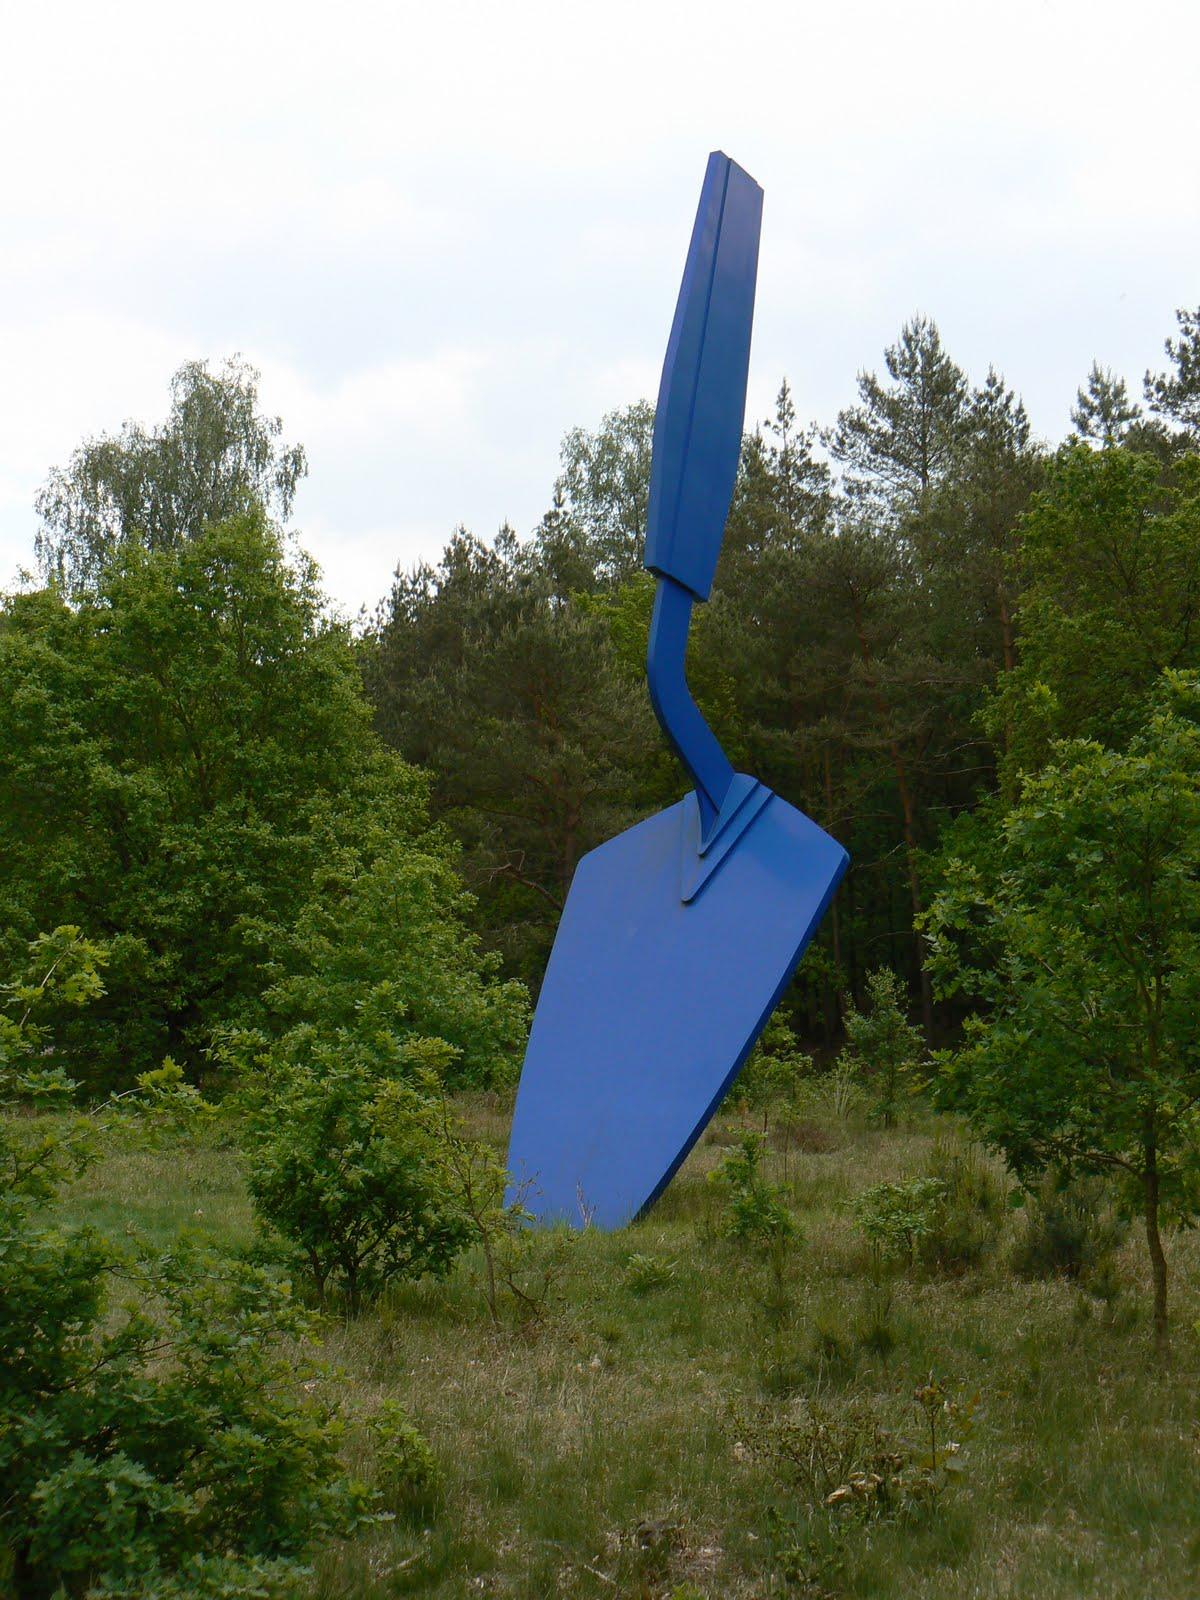 paradis express Claes Oldenburg